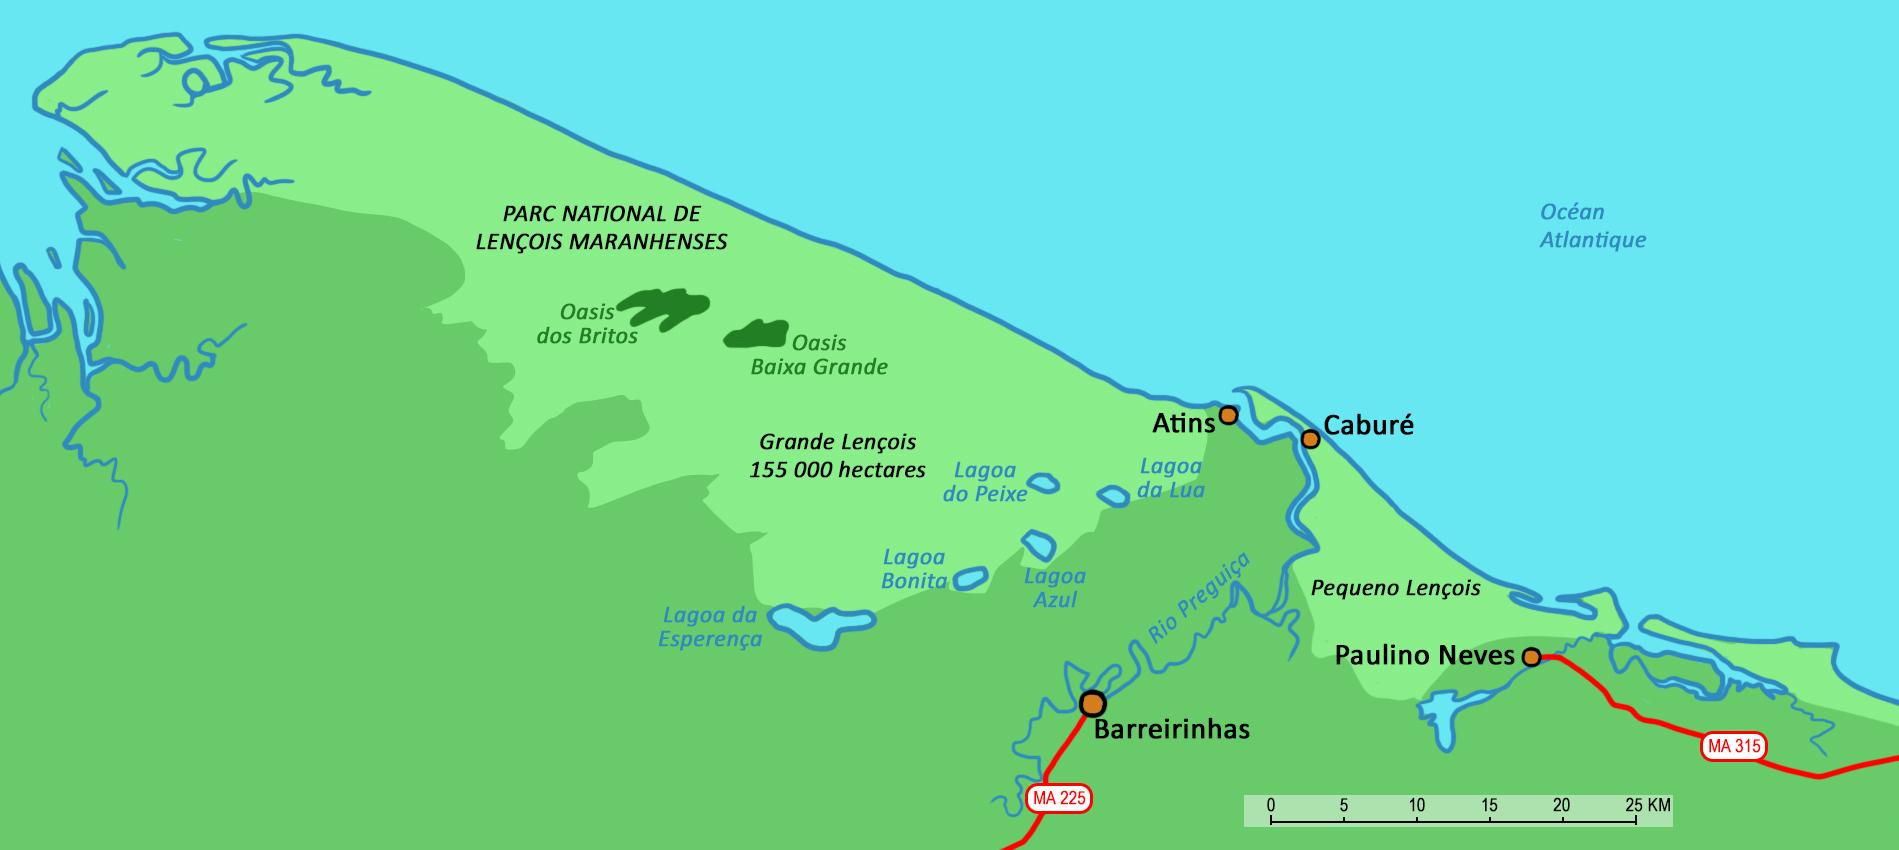 Sao Luis et les Lenois Maranhenses merveilles du Nordeste